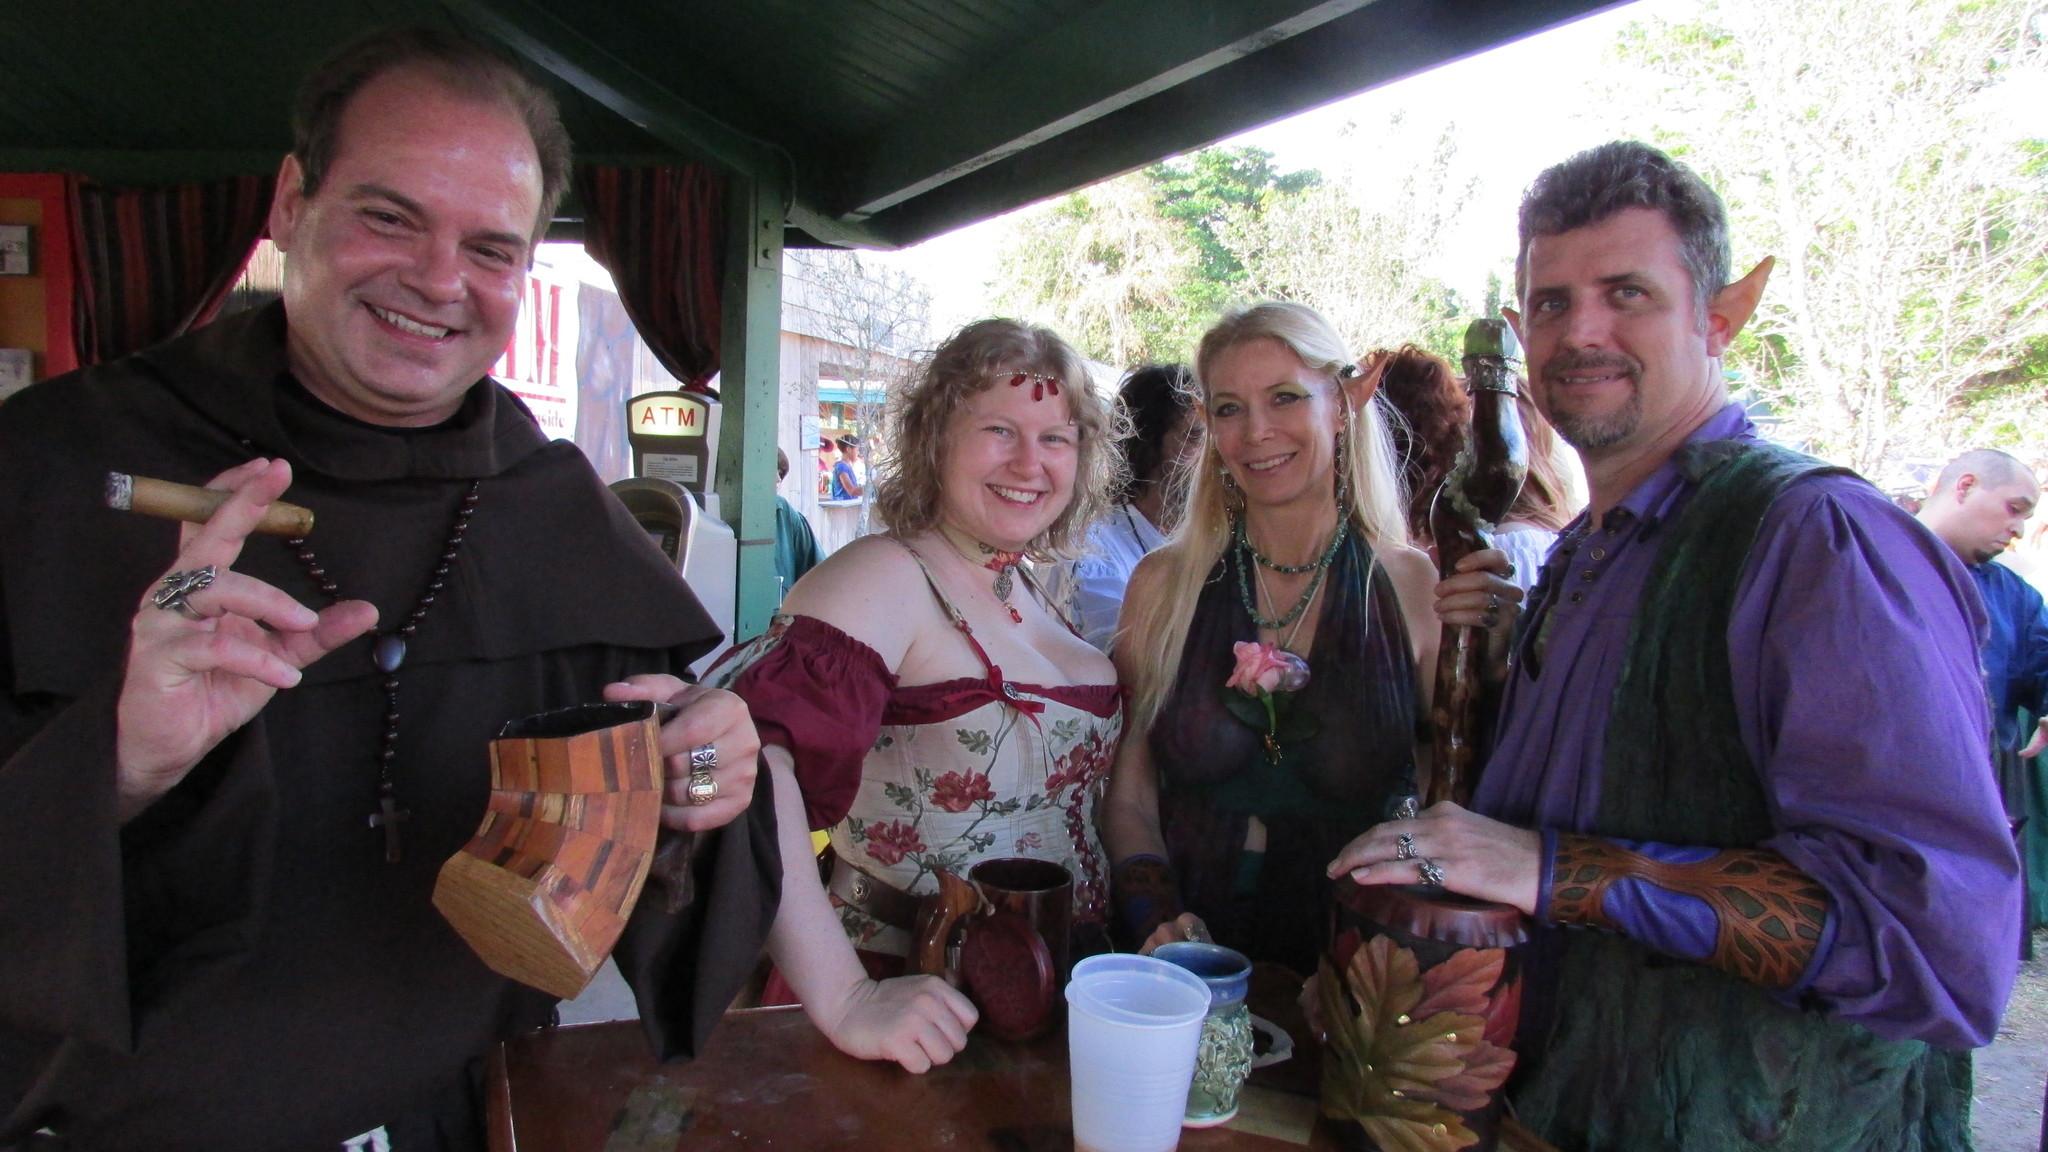 Renaissance Festival photos - Renaissance Faire